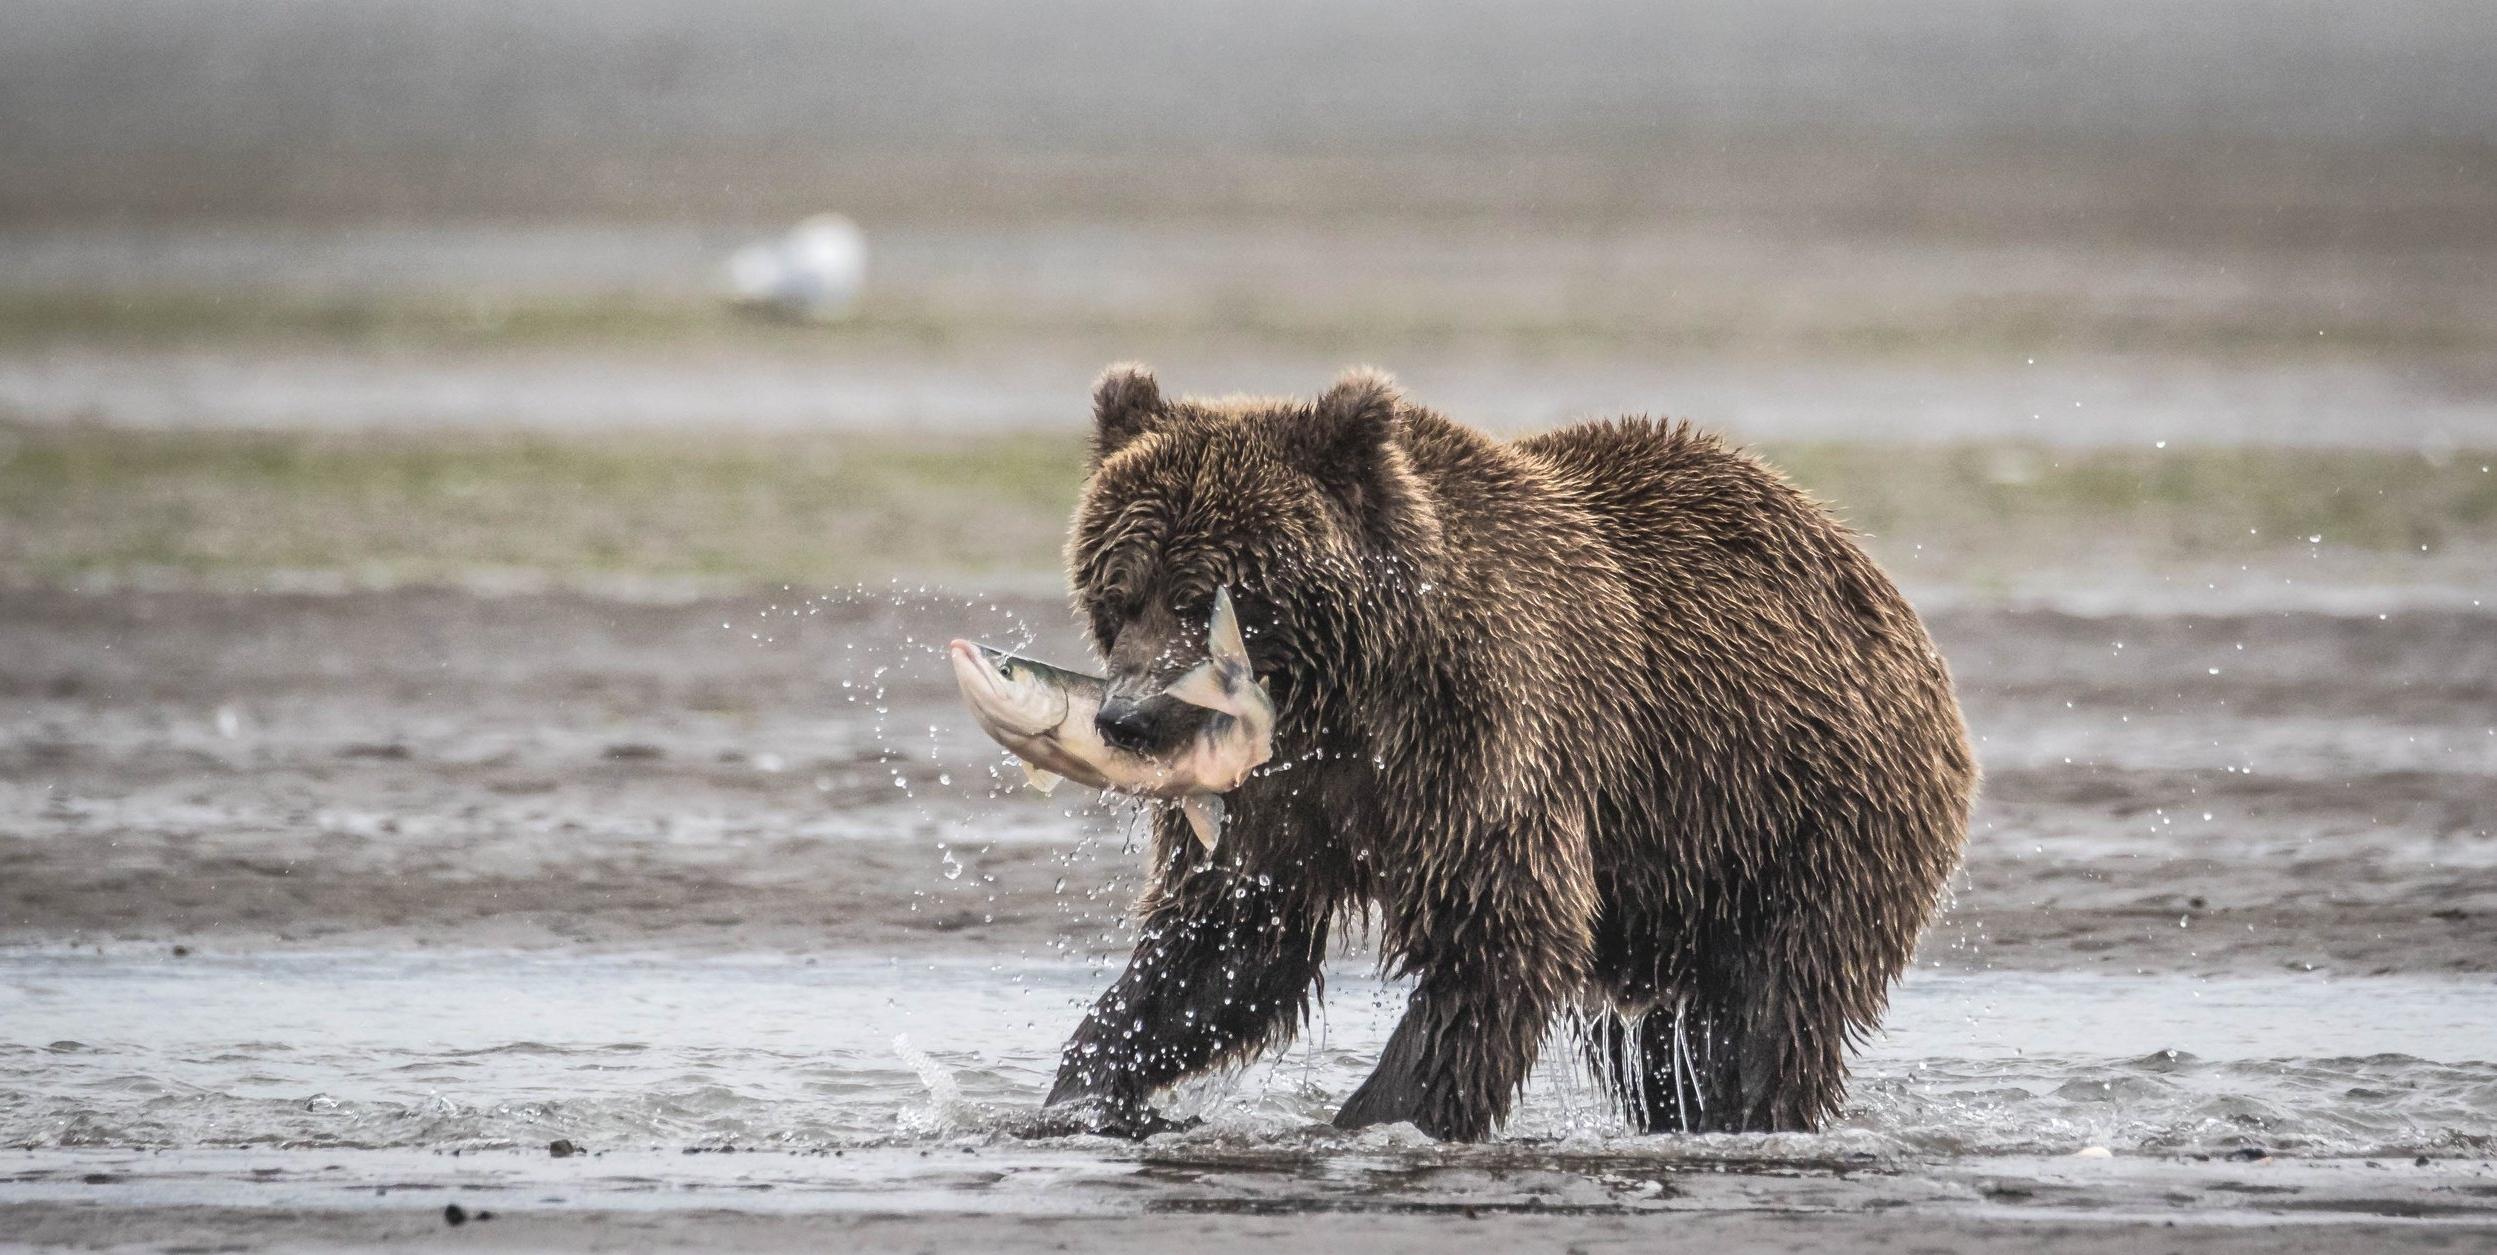 Lake Clark - Brown Bear Hunting Alaskan Salmon (2 of 8).jpg